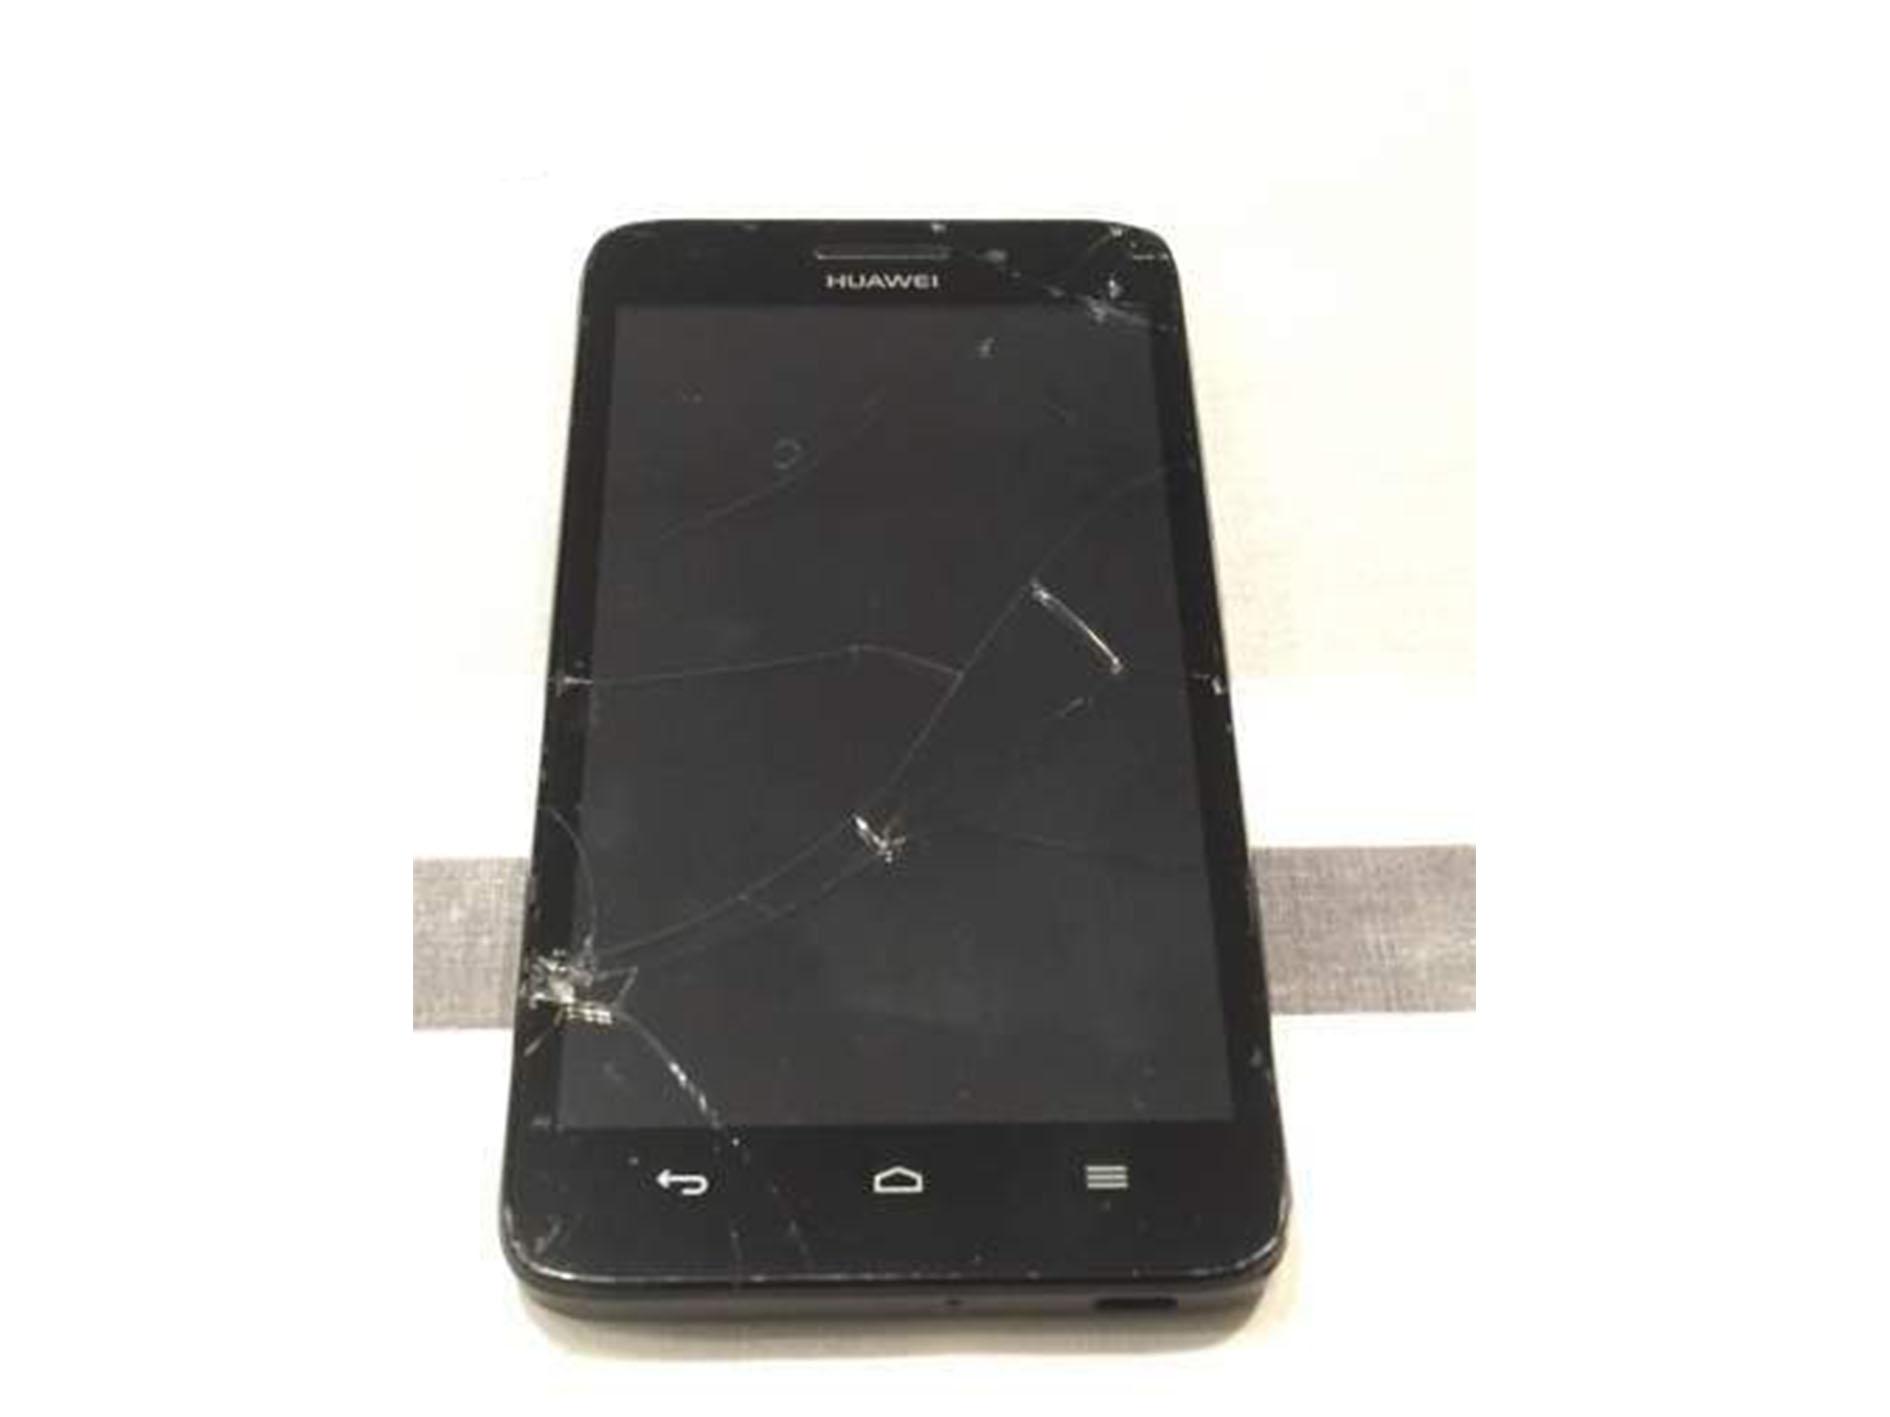 Un smartphone de marque